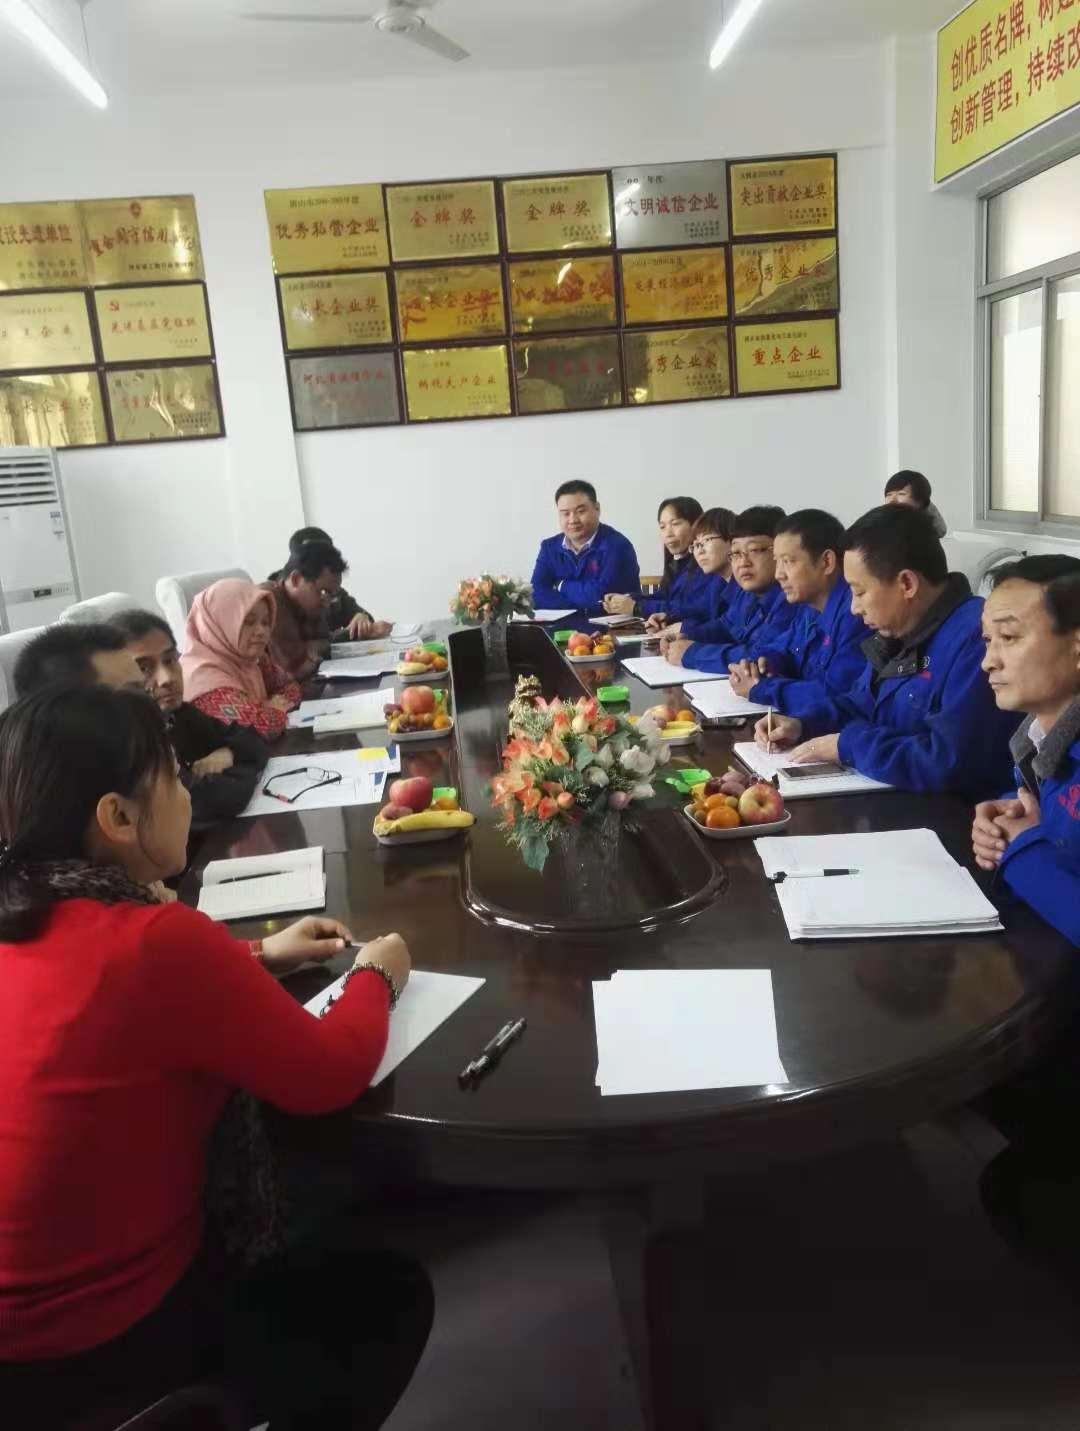 【喜讯】万博体育登录手机版集团顺利通过印尼SNI认证年度审核